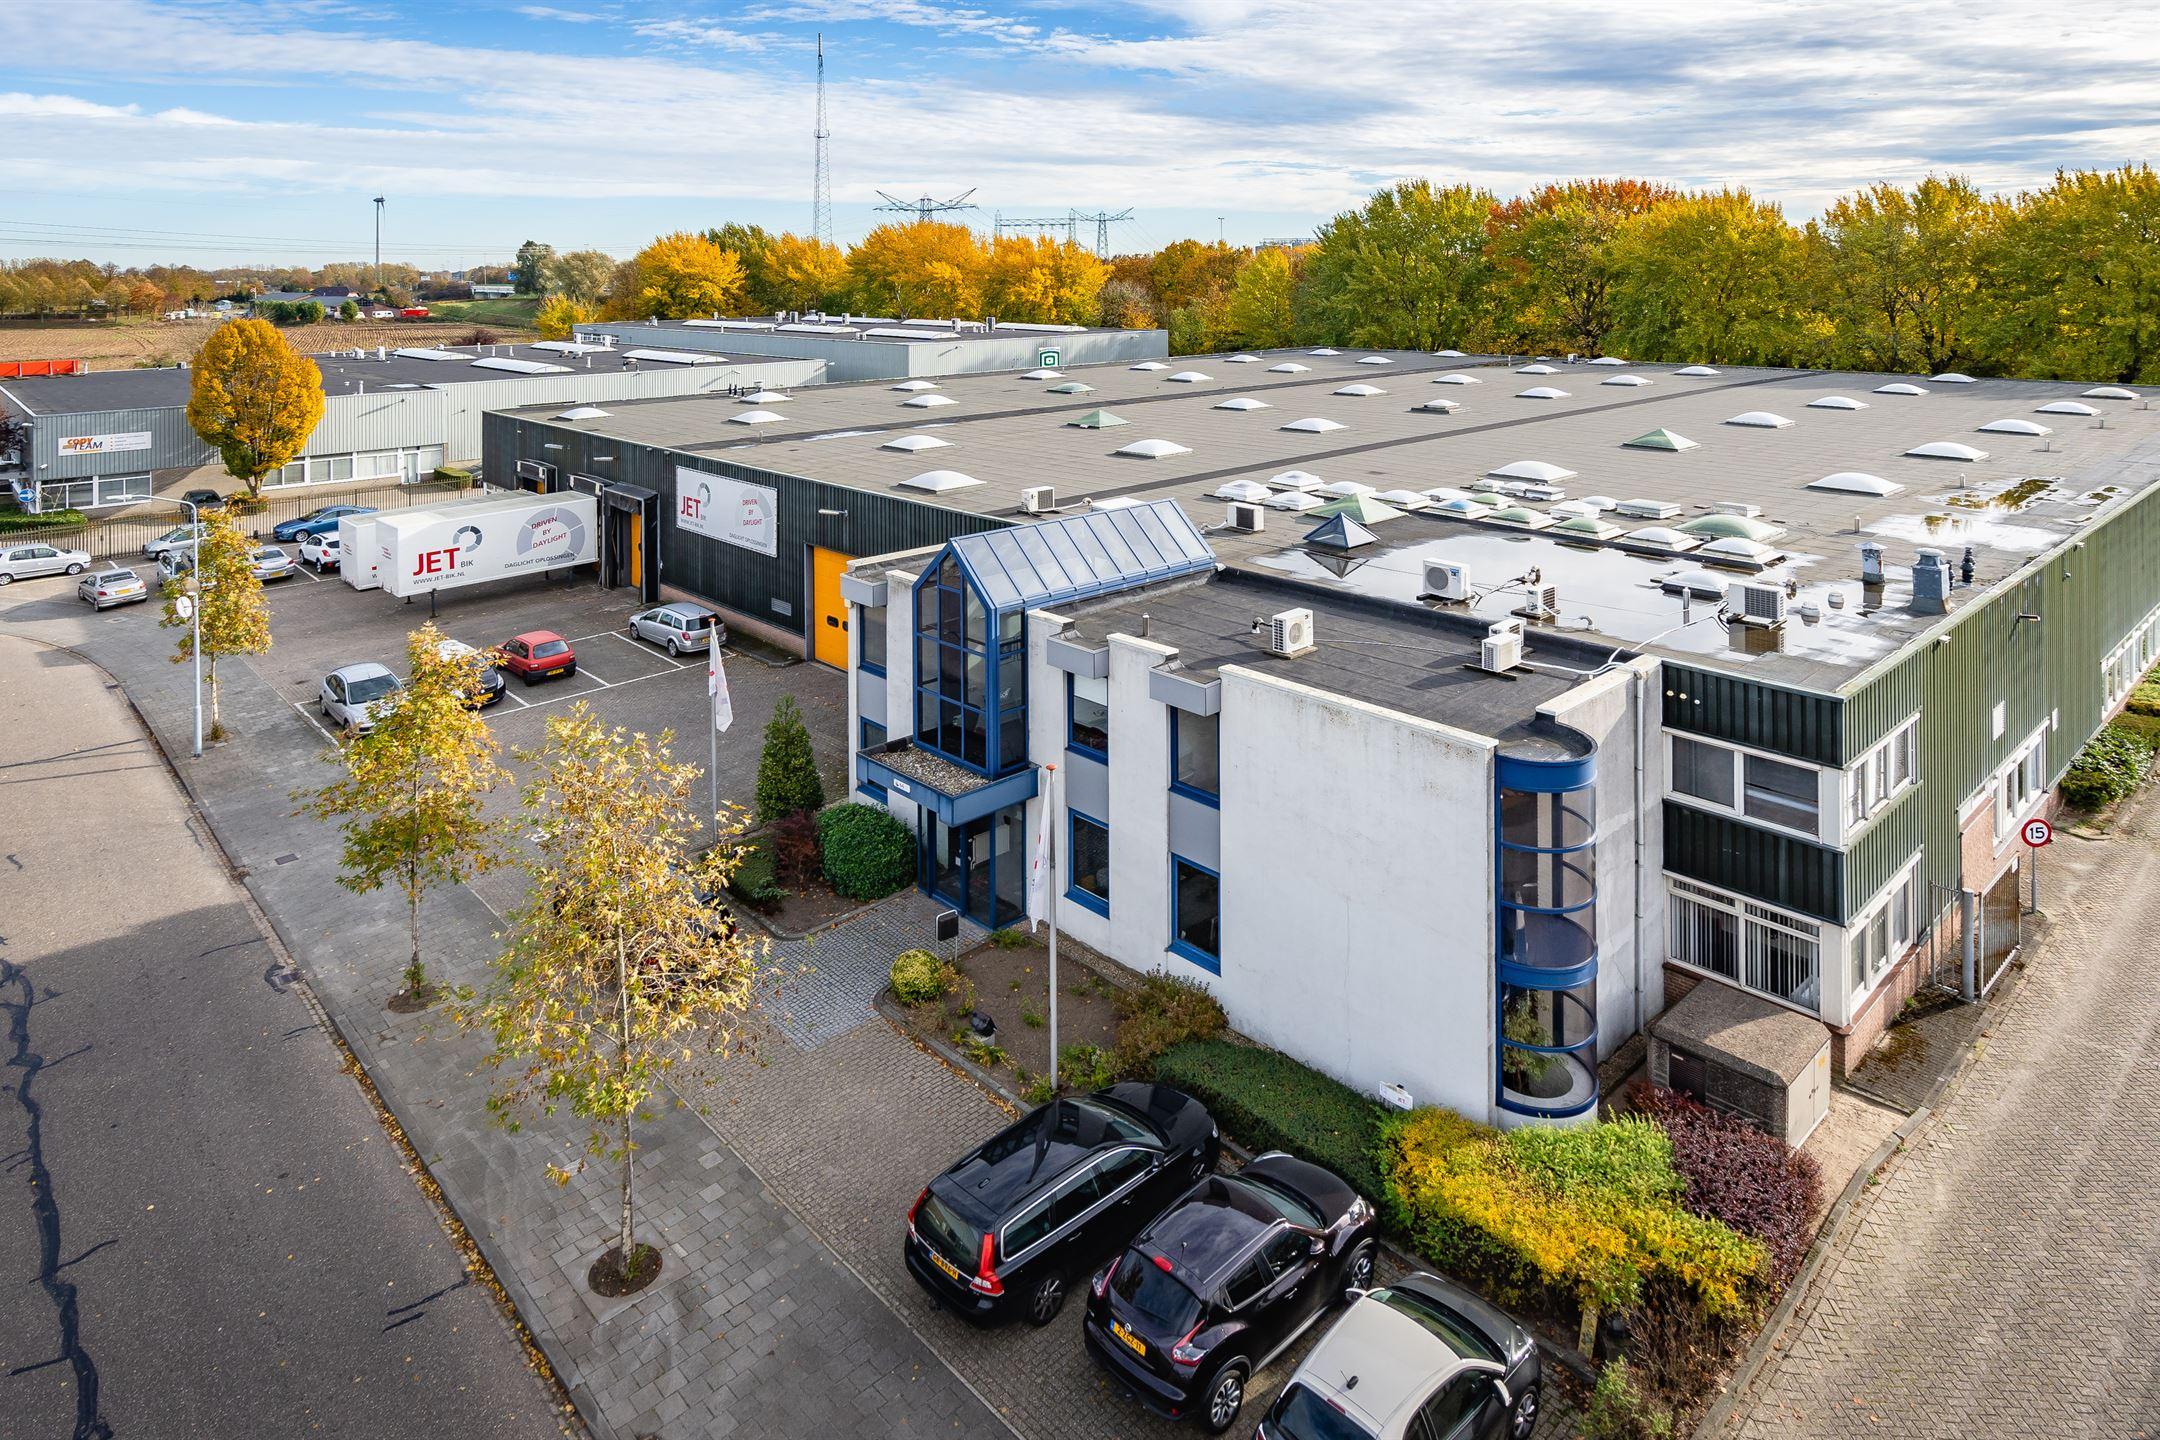 b3dac06bfdf Bedrijfshal Den Bosch | Zoek bedrijfshallen te koop: De Beverspijken ...